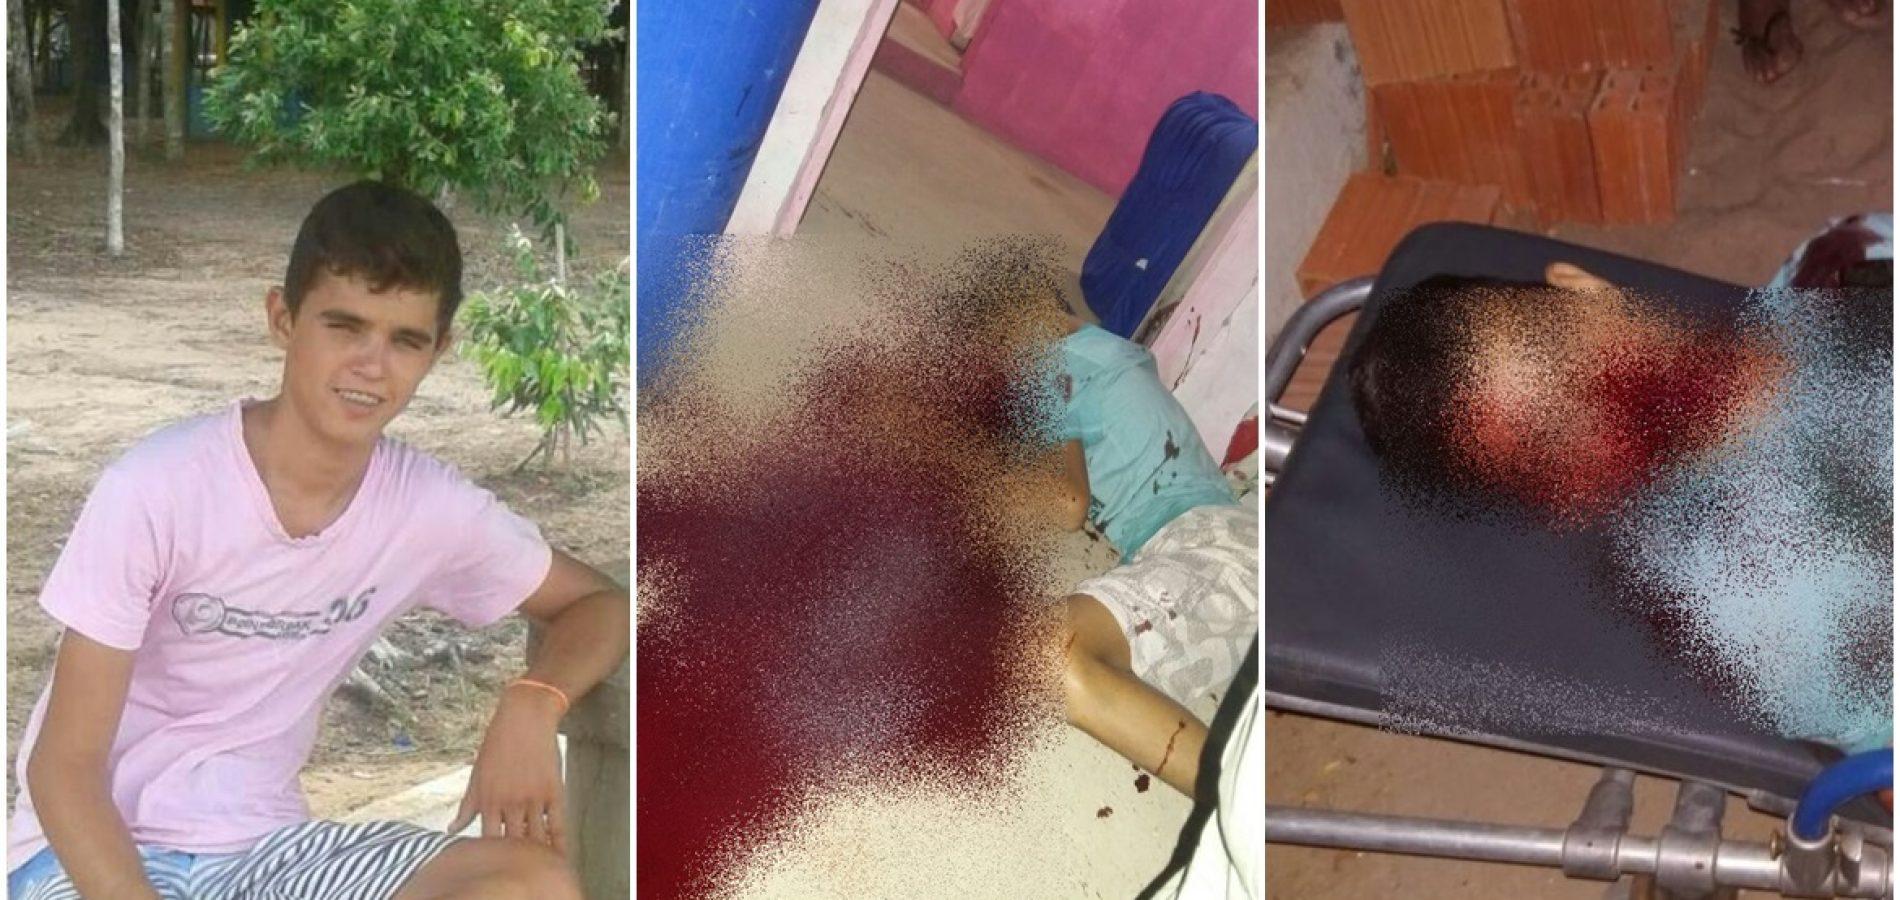 Adolescente de 16 anos é assassinado a tiros em Caldeirão Grande do Piauí